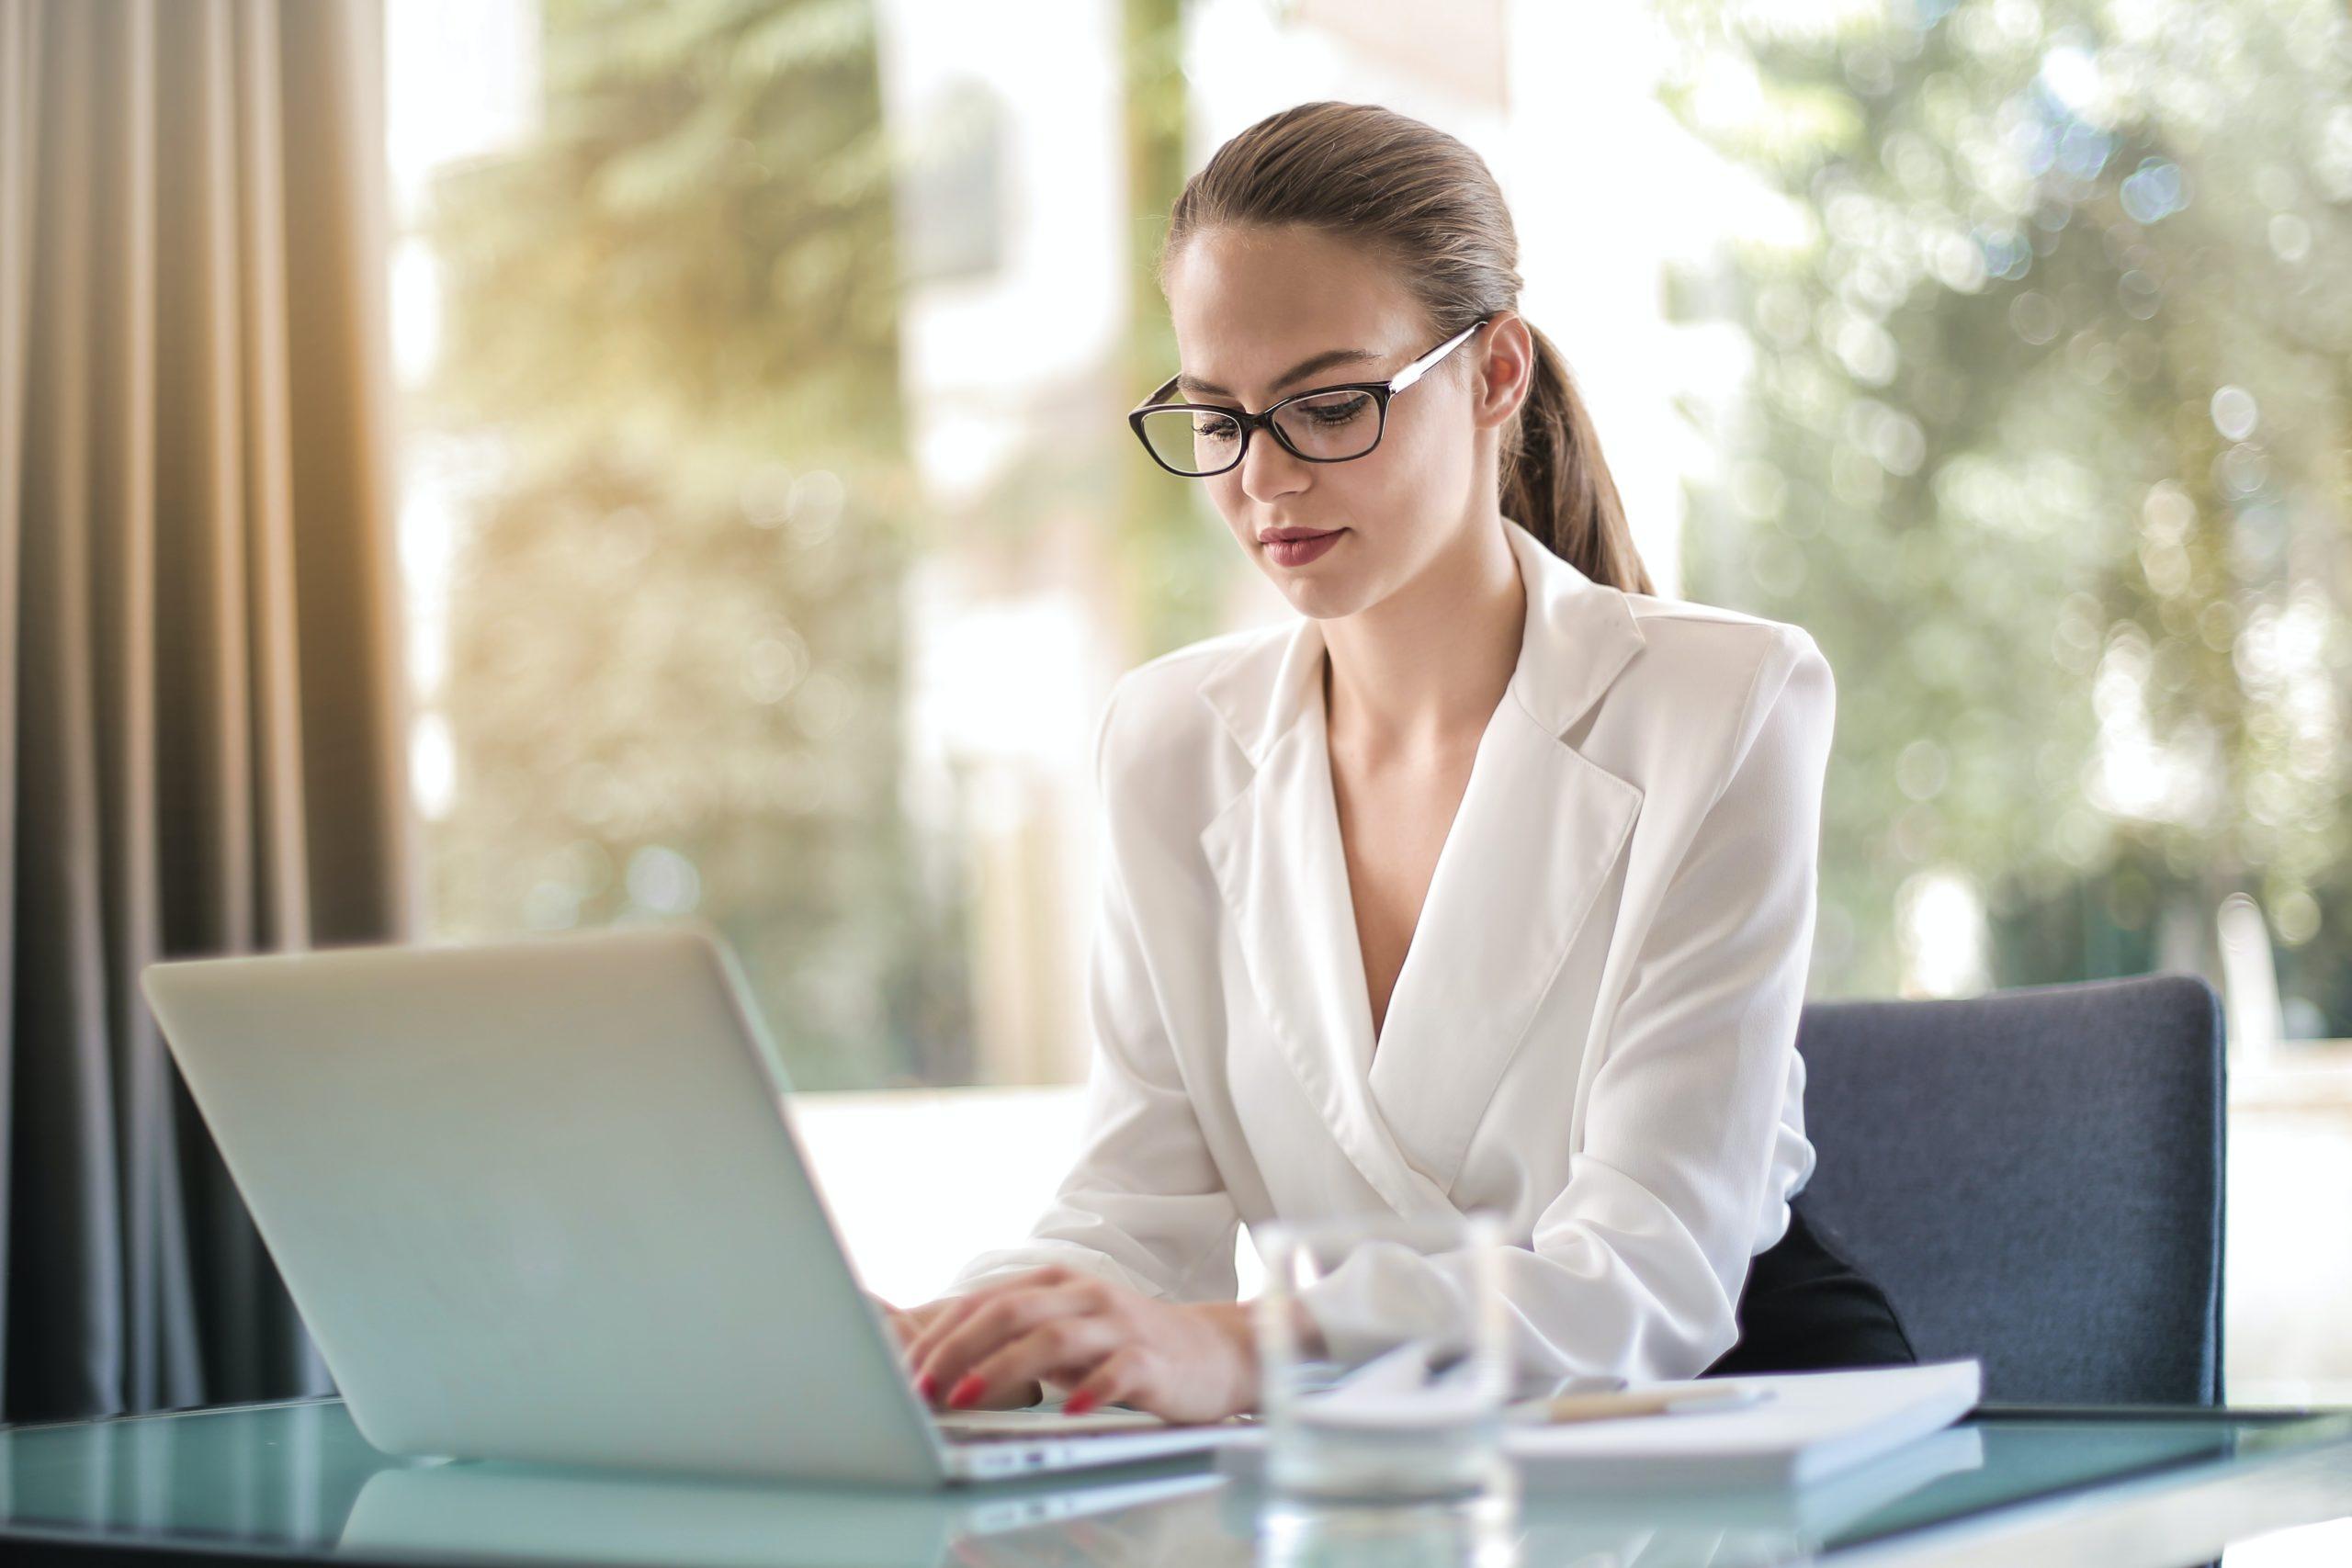 Smart working e abbigliamento: le regole per lavorare da casa (con stile)